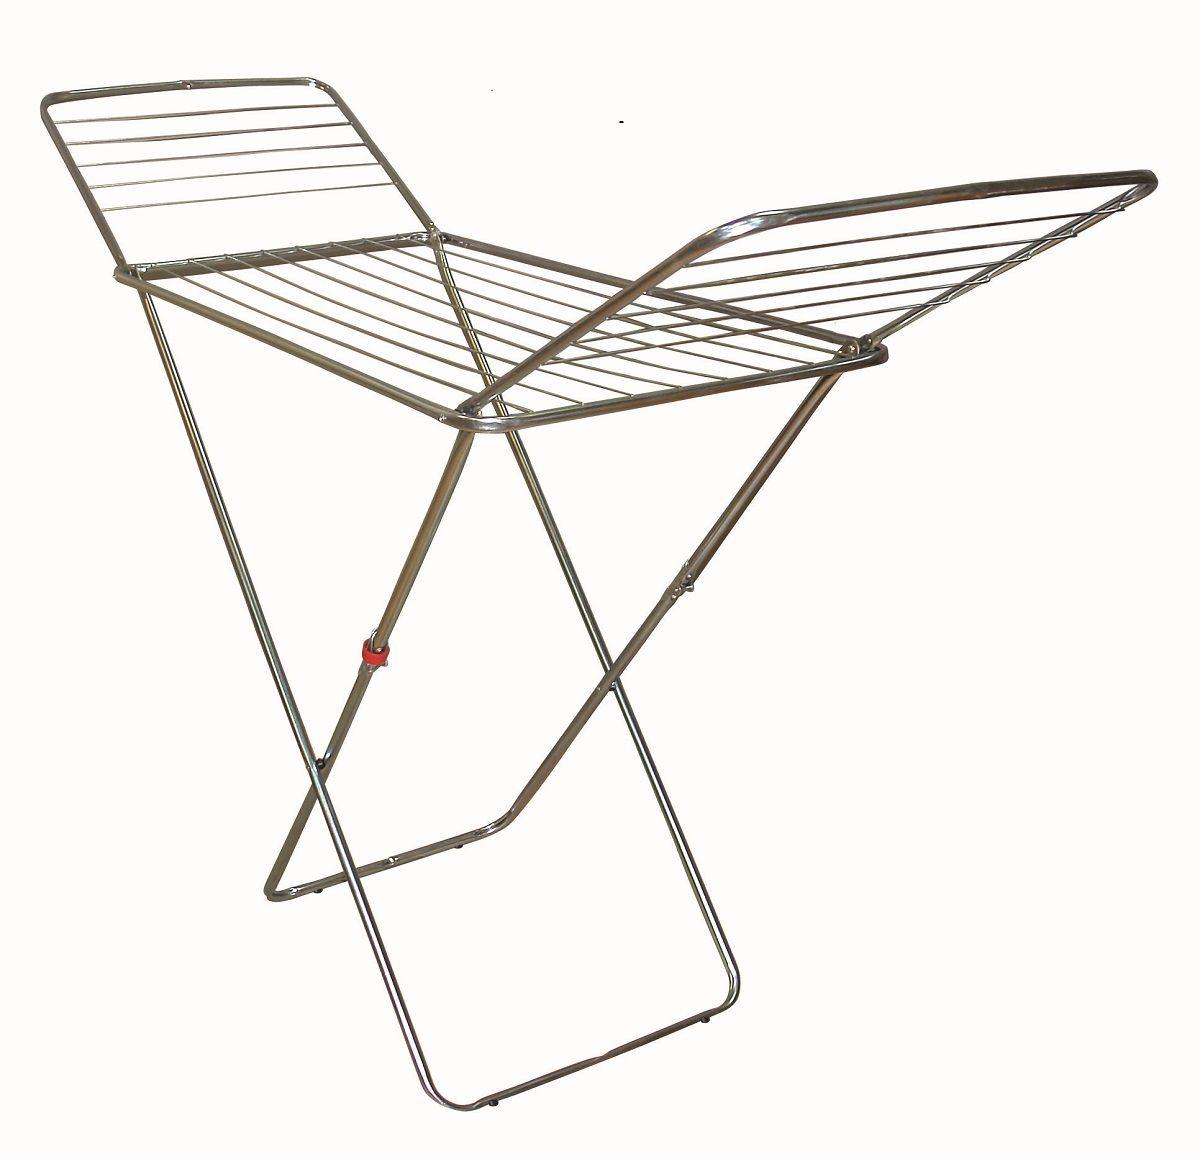 Сушилка для белья Perilla Haus Plus, напольная, 18 м3005Напольная сушилка для белья проста и удобна в использовании, компактно складывается, экономя место в вашей квартире. Сушилку можно использовать на балконе или дома. Она оснащена складными створками для сушки одежды во всю длину, а также имеет специальные пластиковые крепления в основе стоек, которые не царапают пол. Полезная длина сушильного полотна 18 м. Вакуумная упаковка.